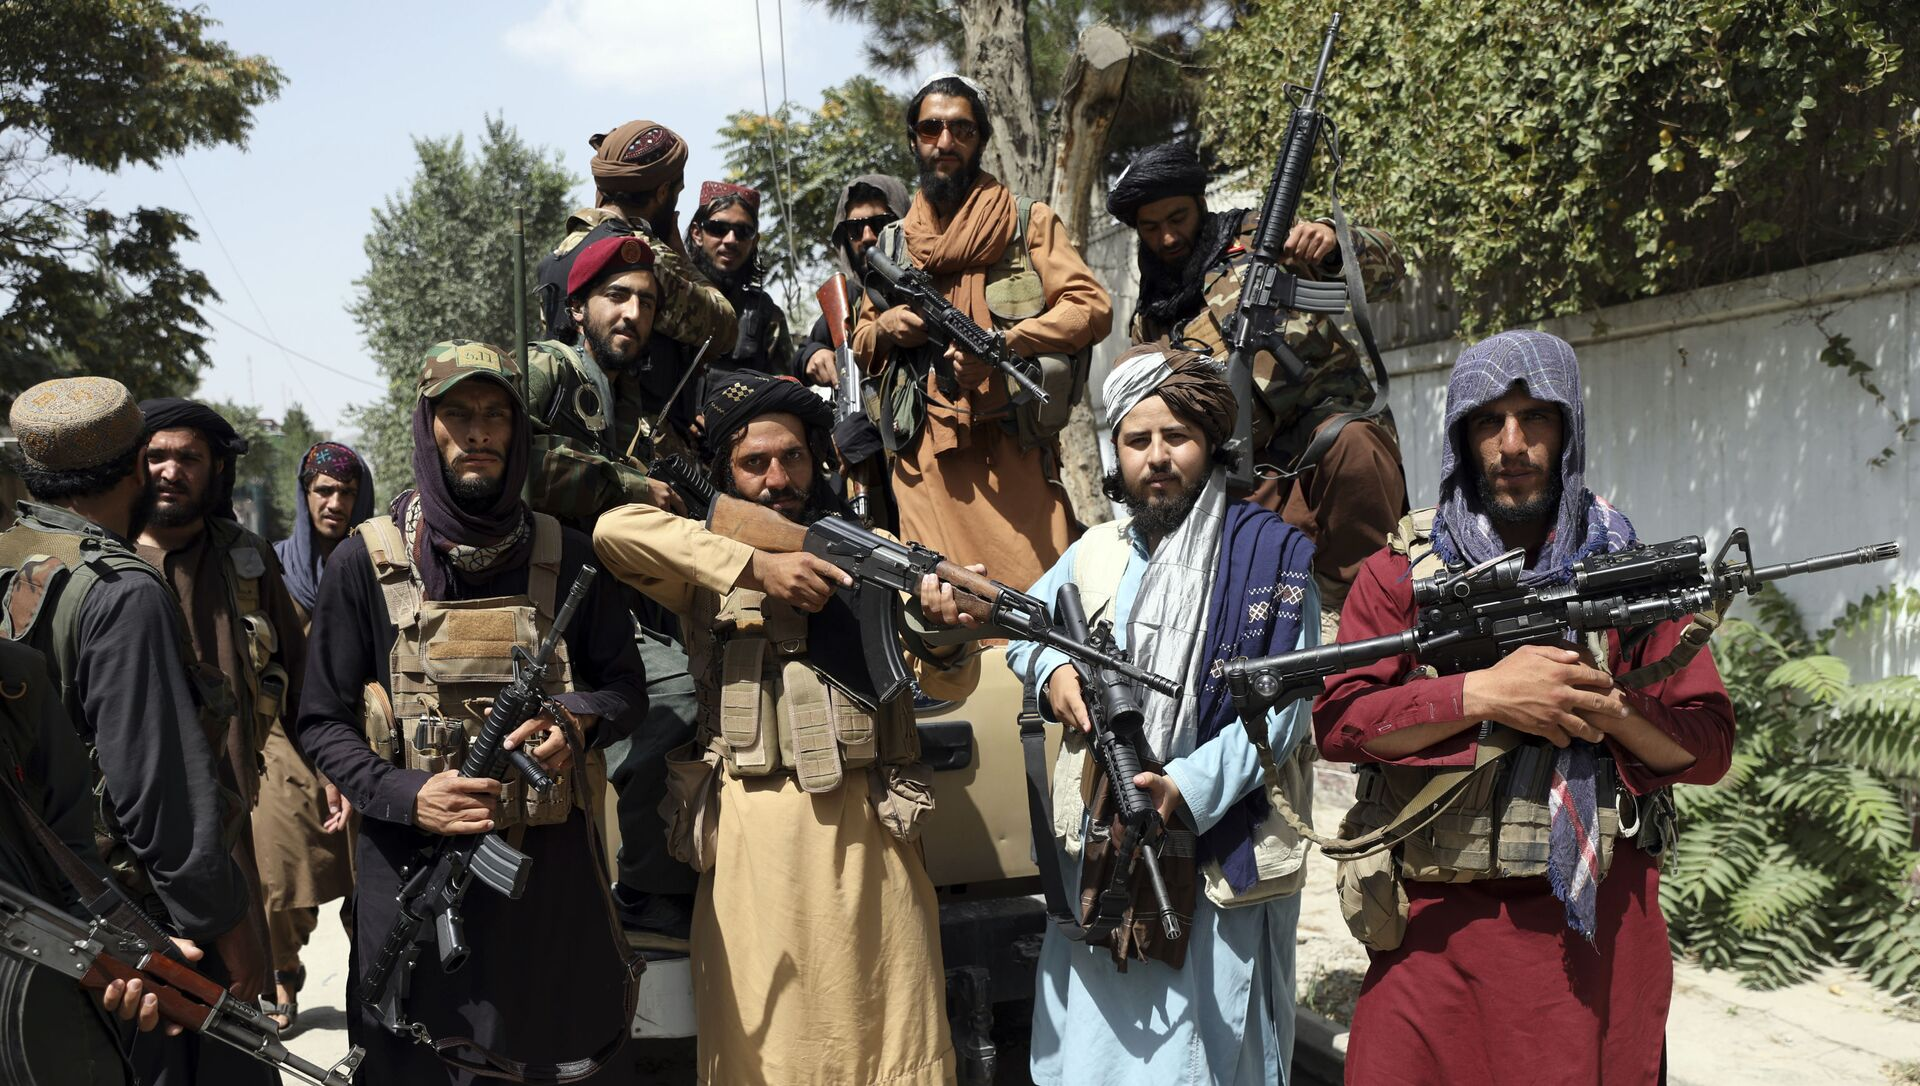 Các chiến binh Taliban chụp ảnh ở Kabul, Afghanistan, Thứ Năm, ngày 19 tháng 8 năm 2021 - Sputnik Việt Nam, 1920, 31.08.2021